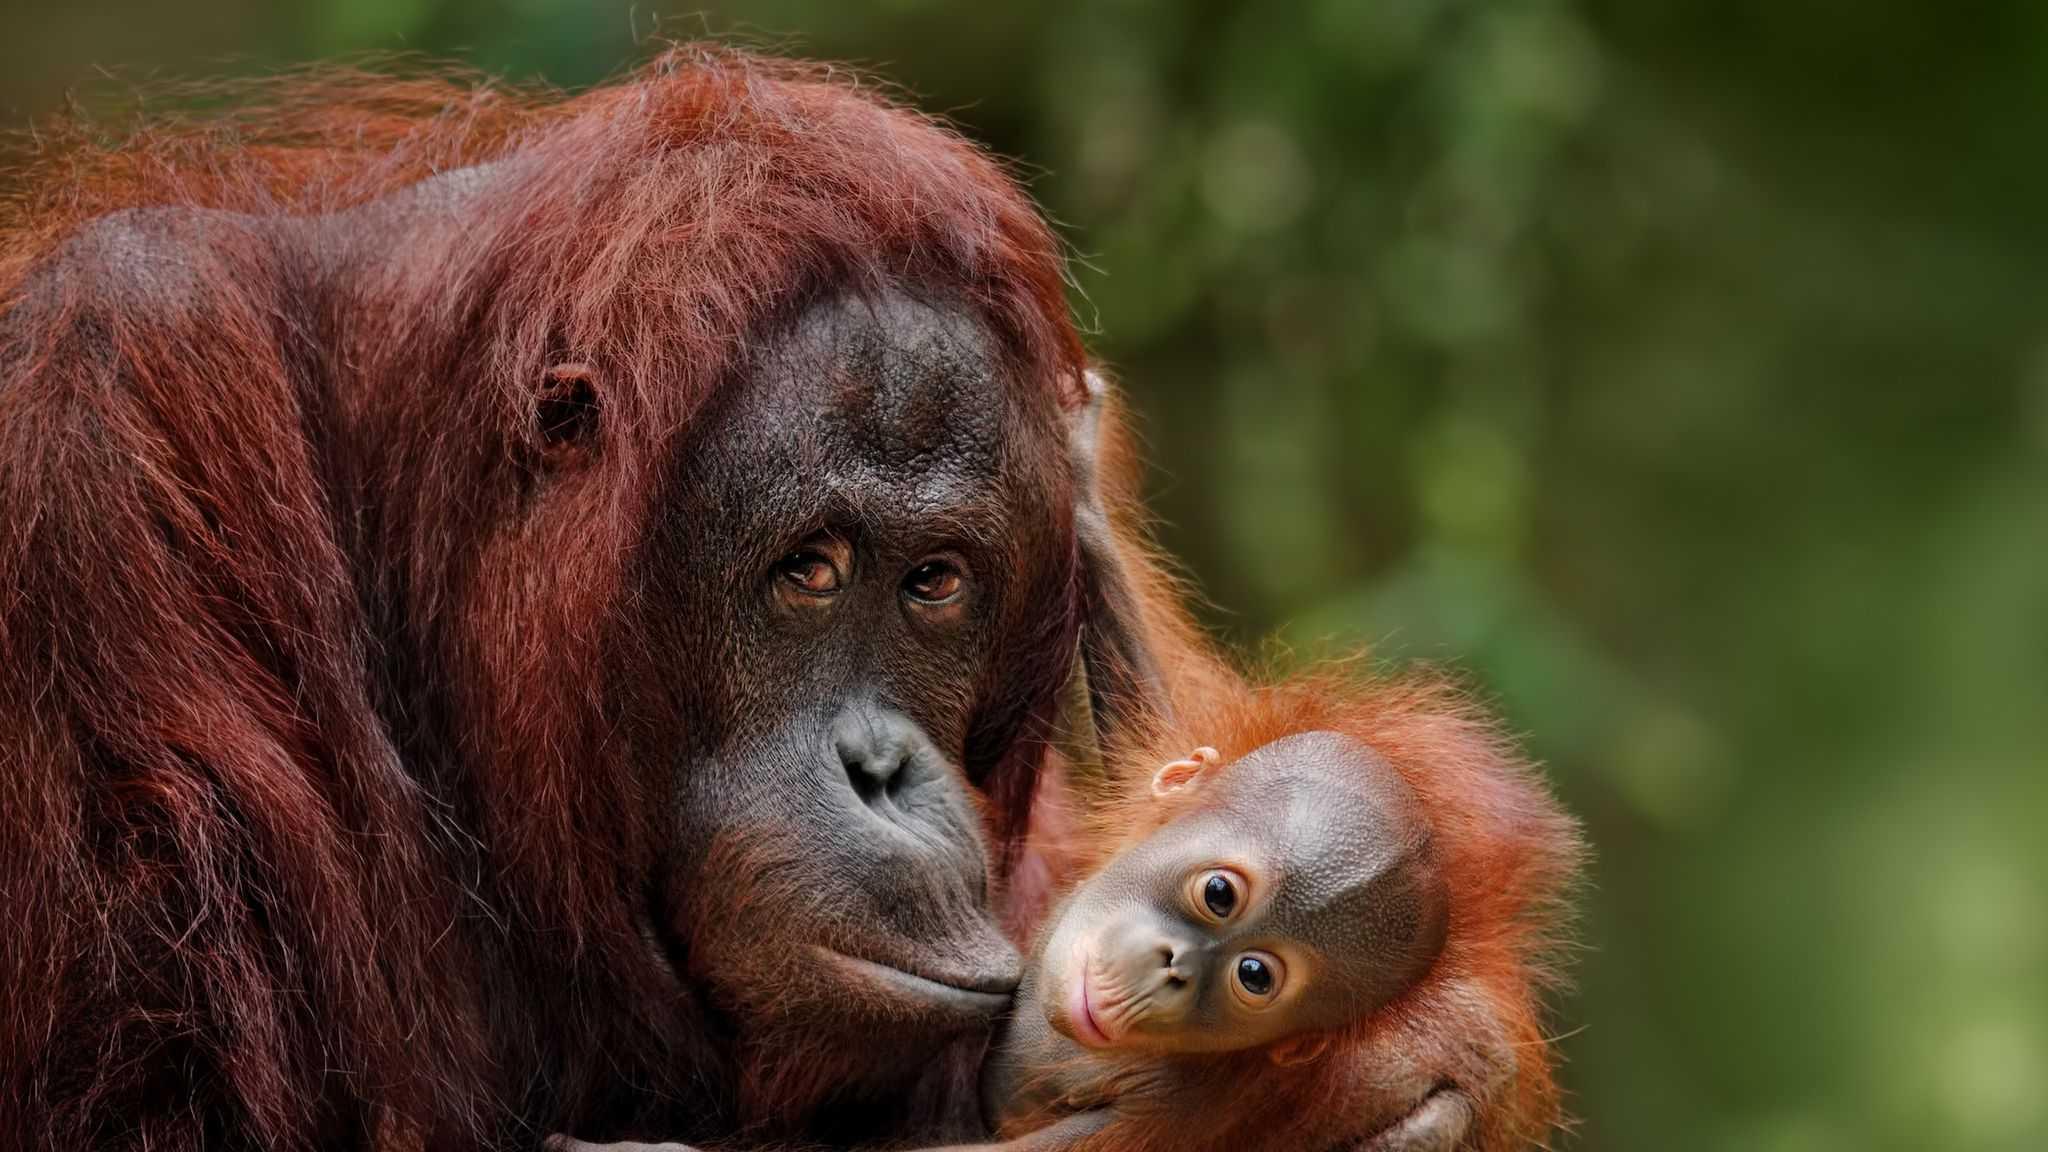 При помощи сигналов орангутанов ученые показали, как мог развиваться человеческий язык